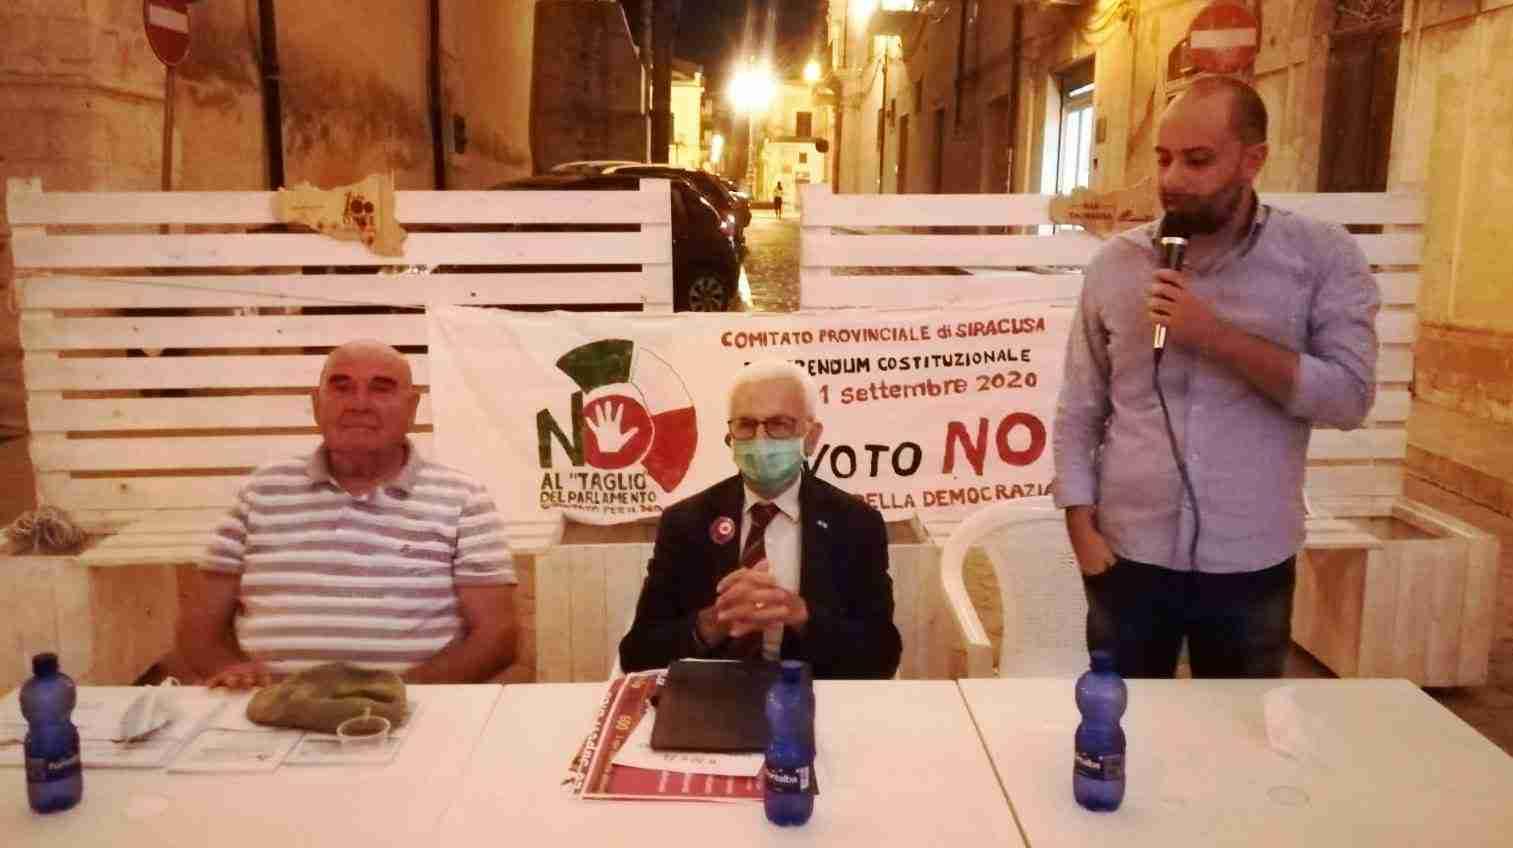 """Referendum – Il deciso """"No"""" di Sinistra Italiana: ieri pomeriggio la conferenza per spiegarne le ragioni"""